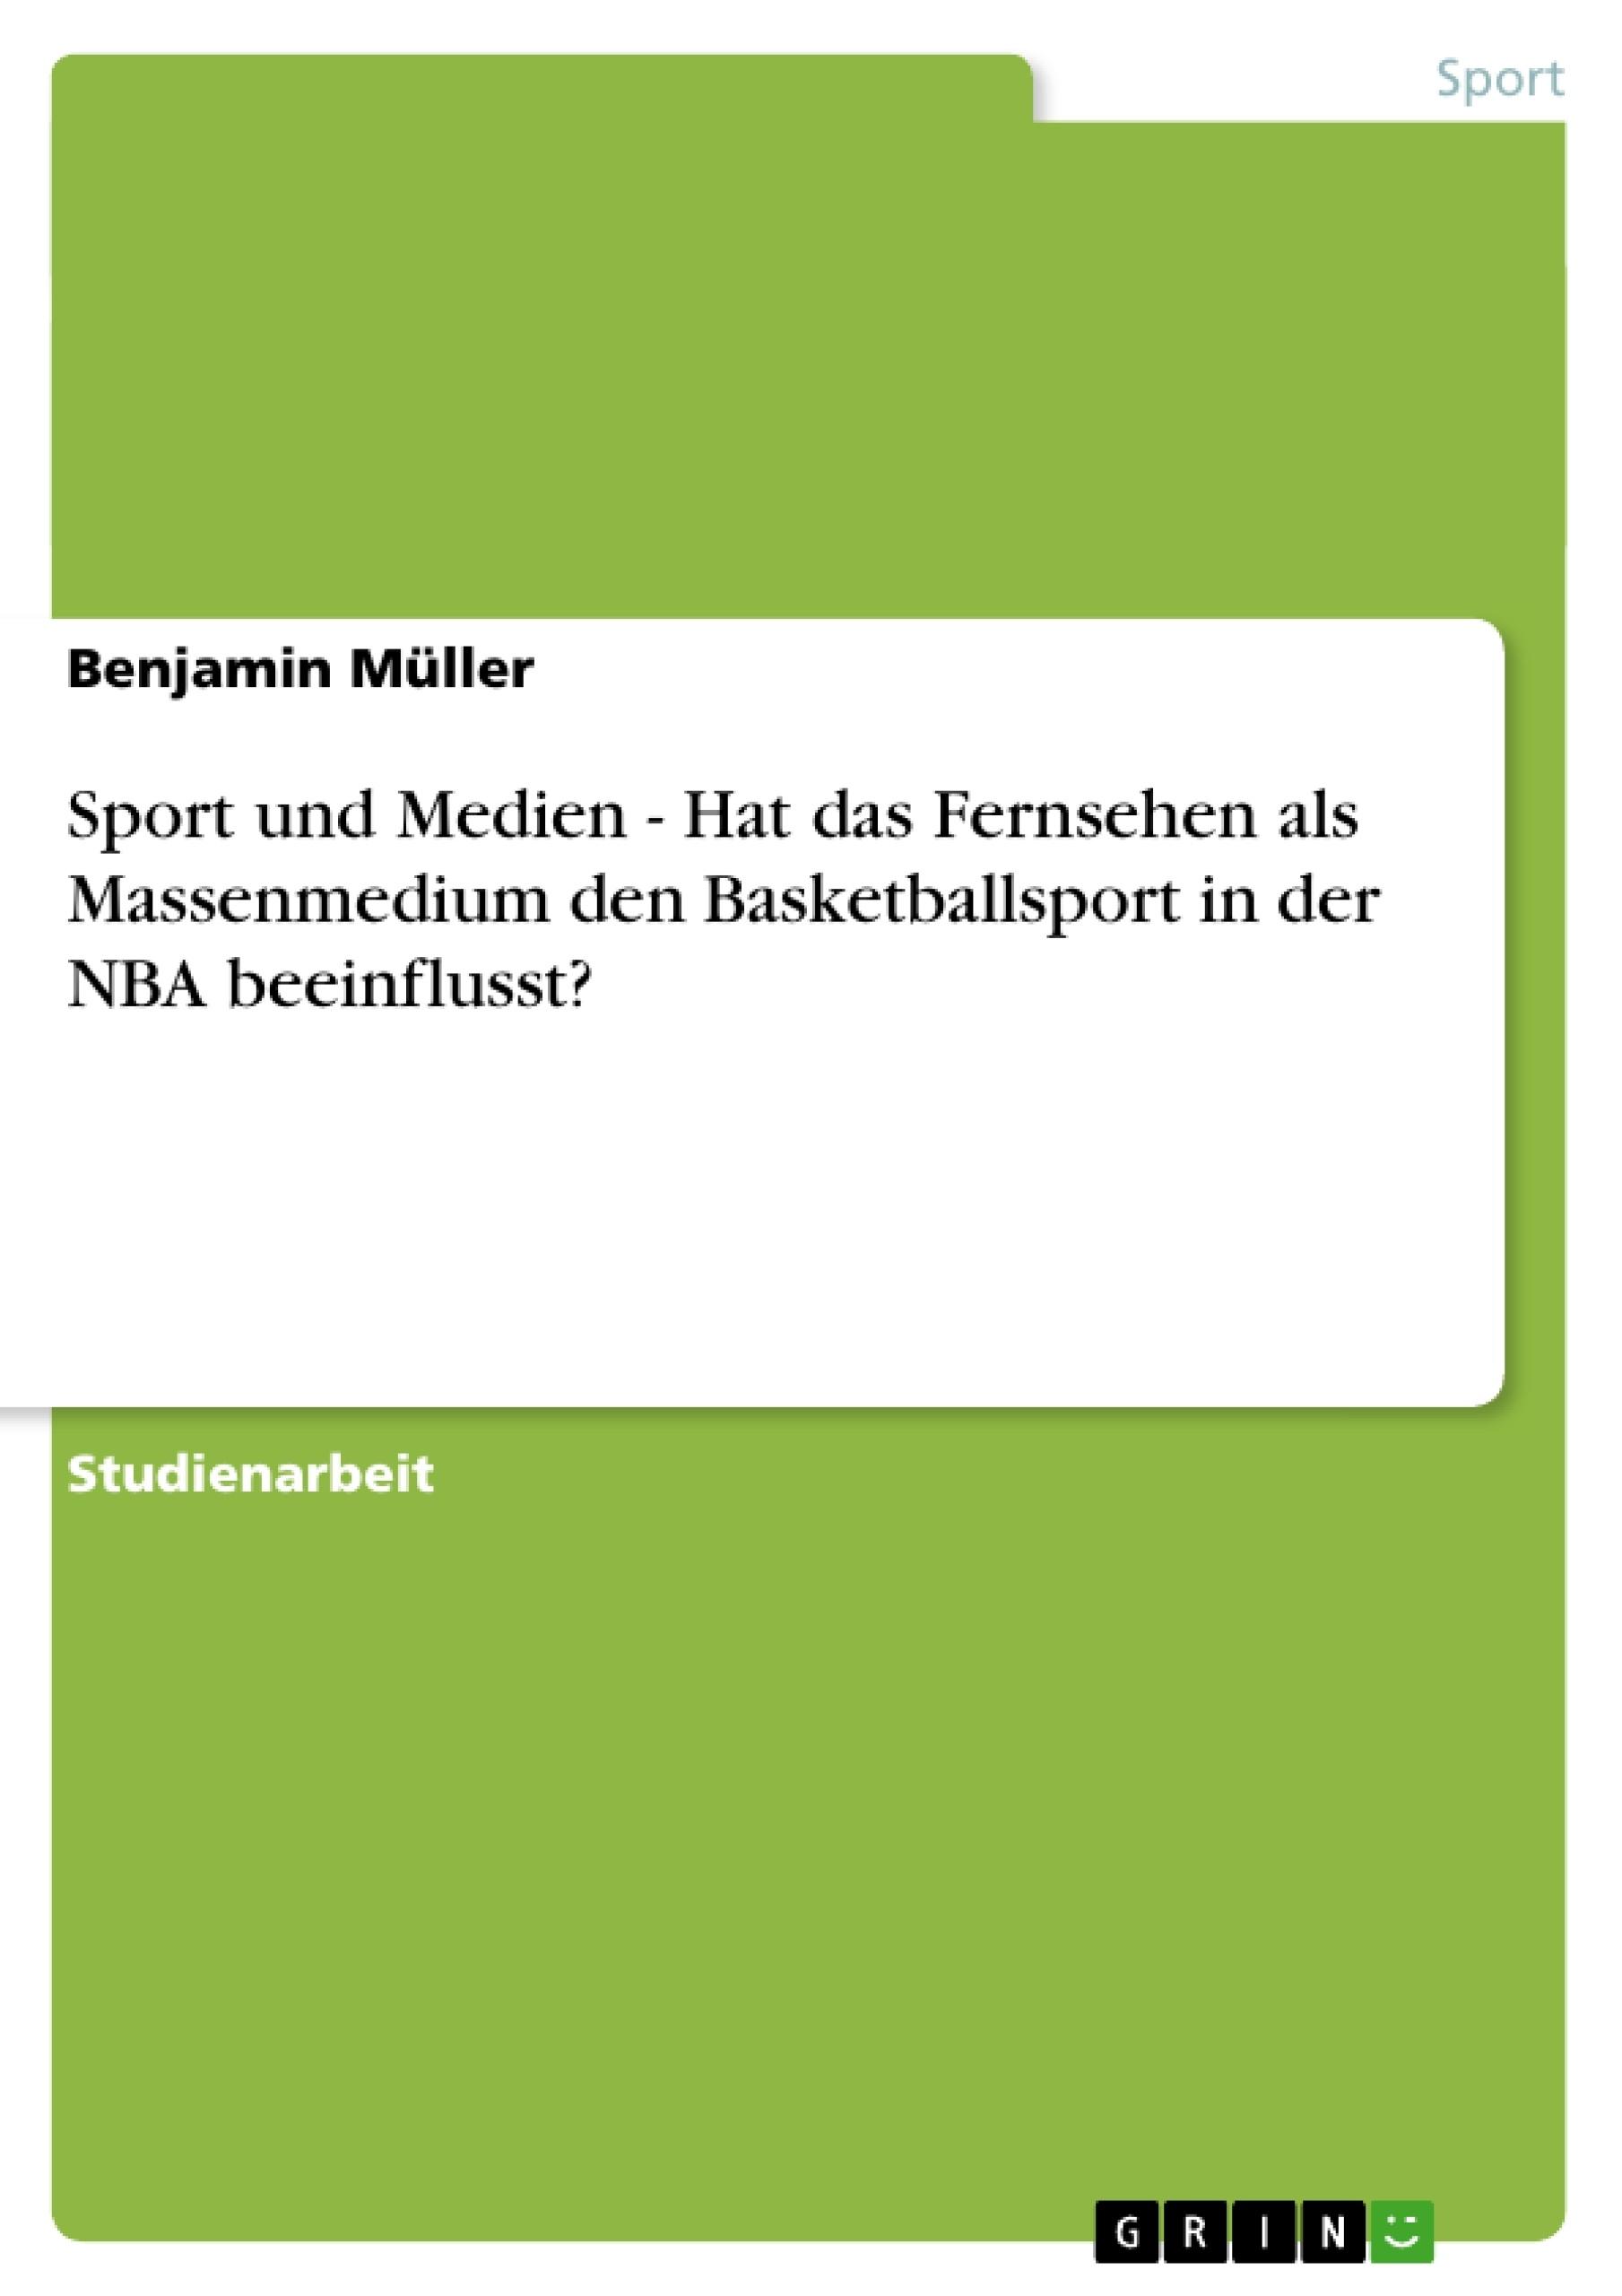 Titel: Sport und Medien - Hat das Fernsehen als Massenmedium den Basketballsport in der  NBA beeinflusst?